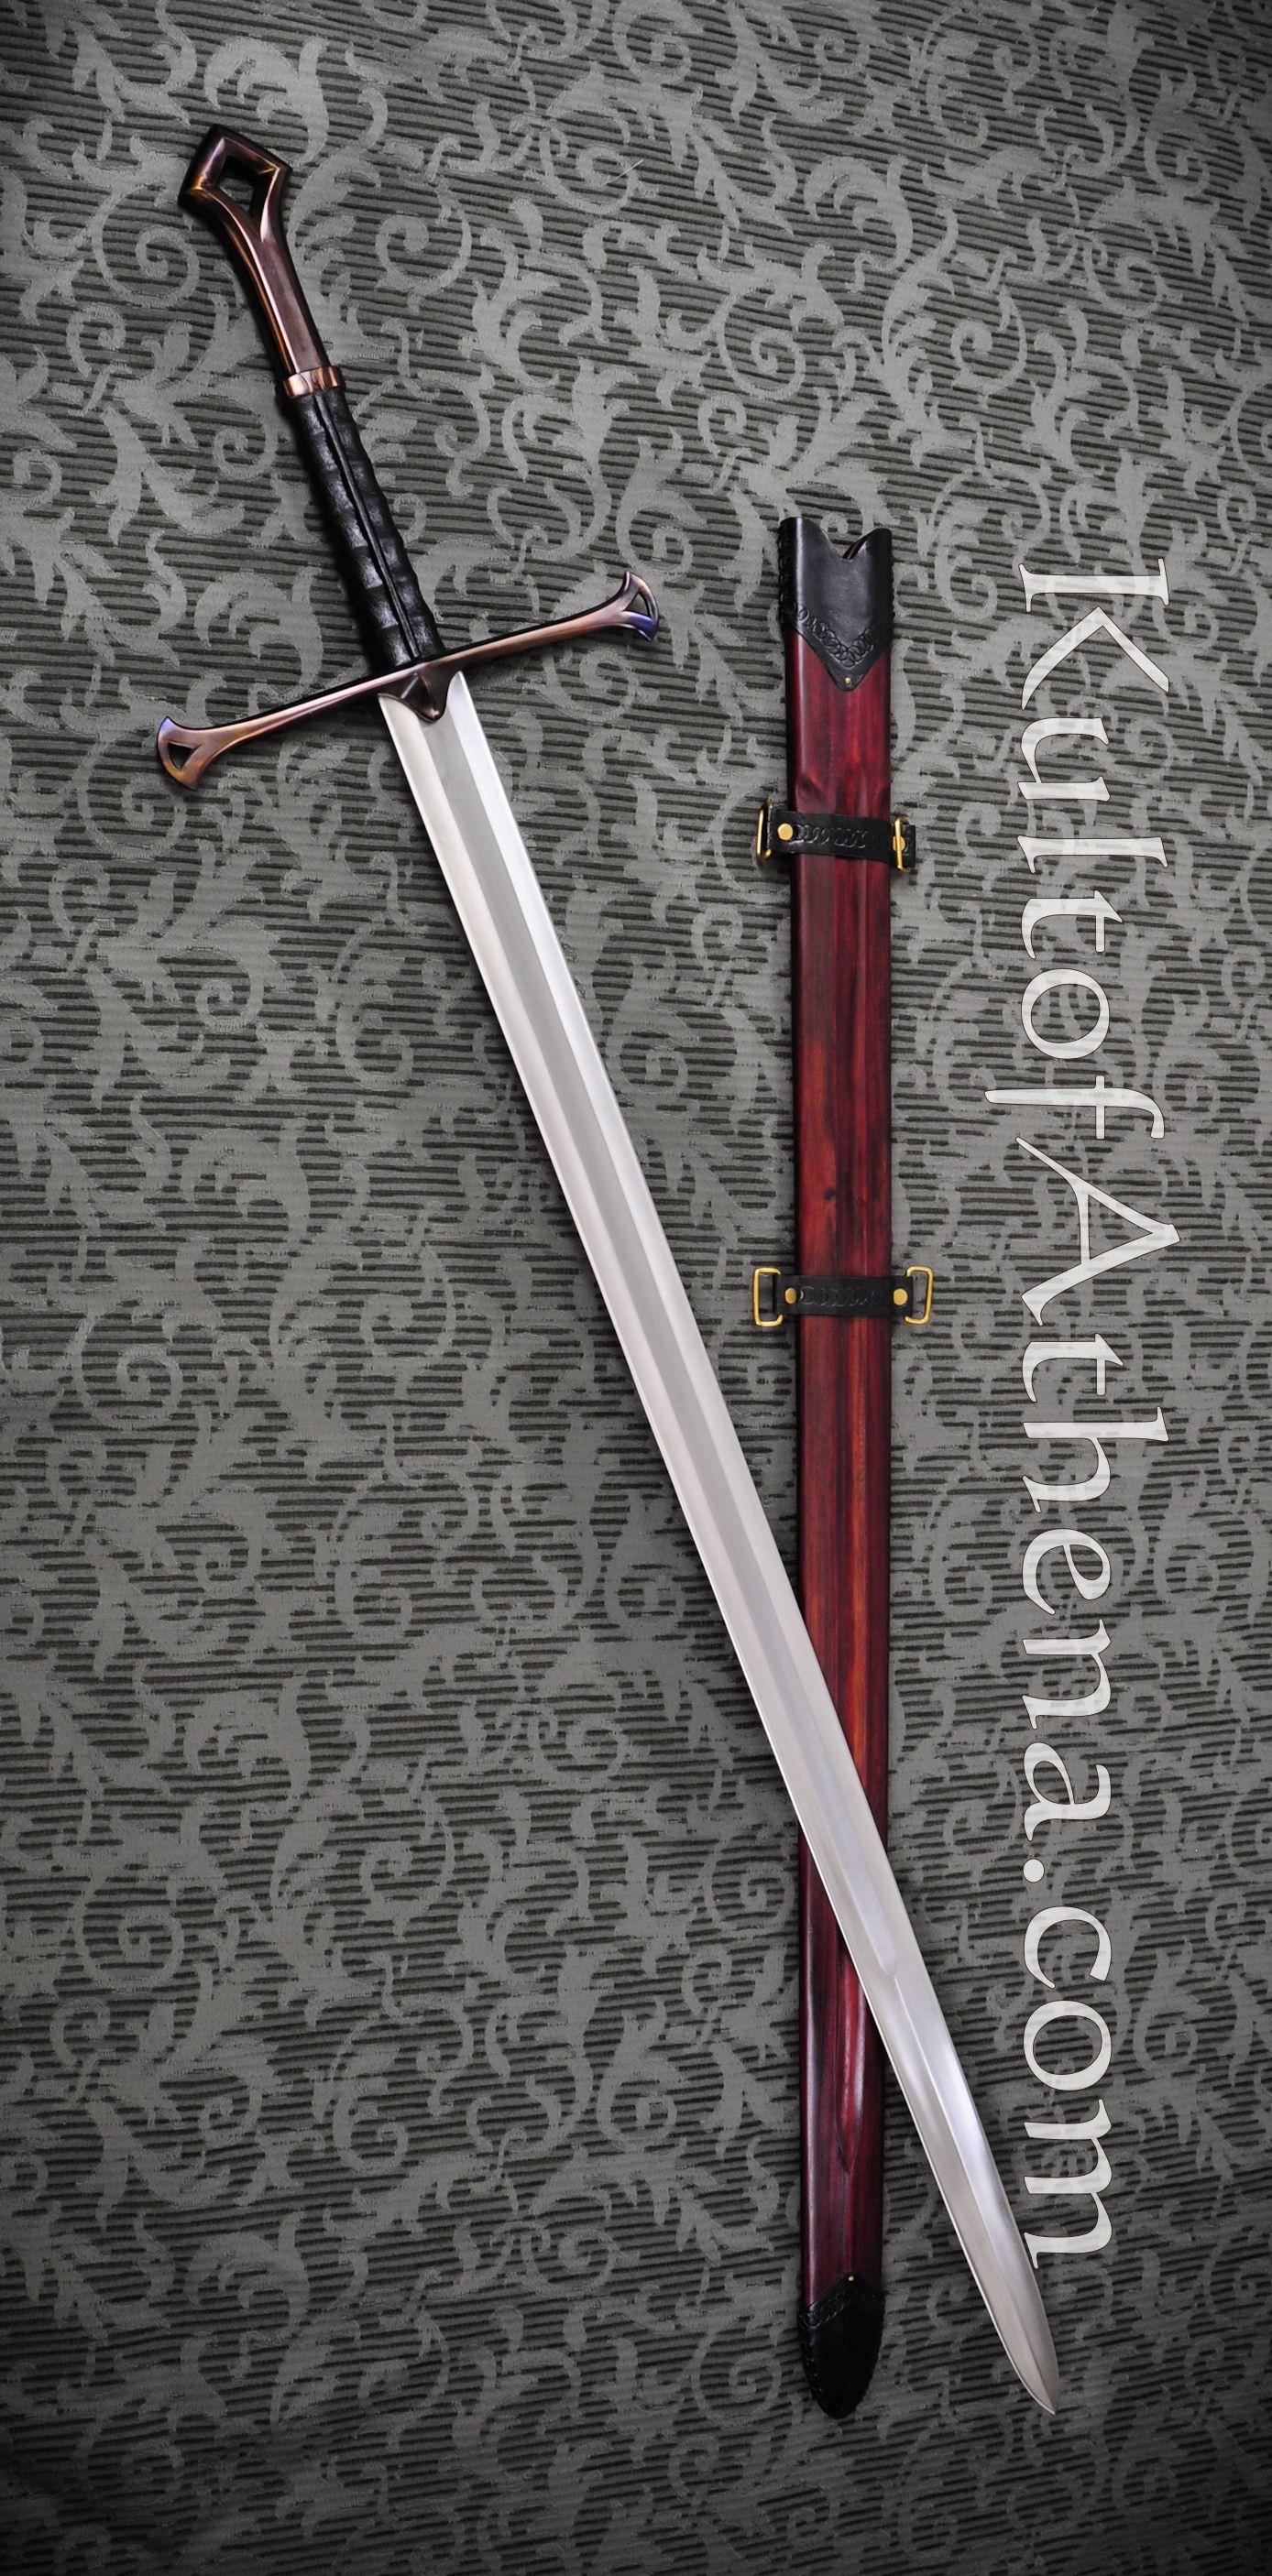 fantasy greatsword combat blades weapons sword sword